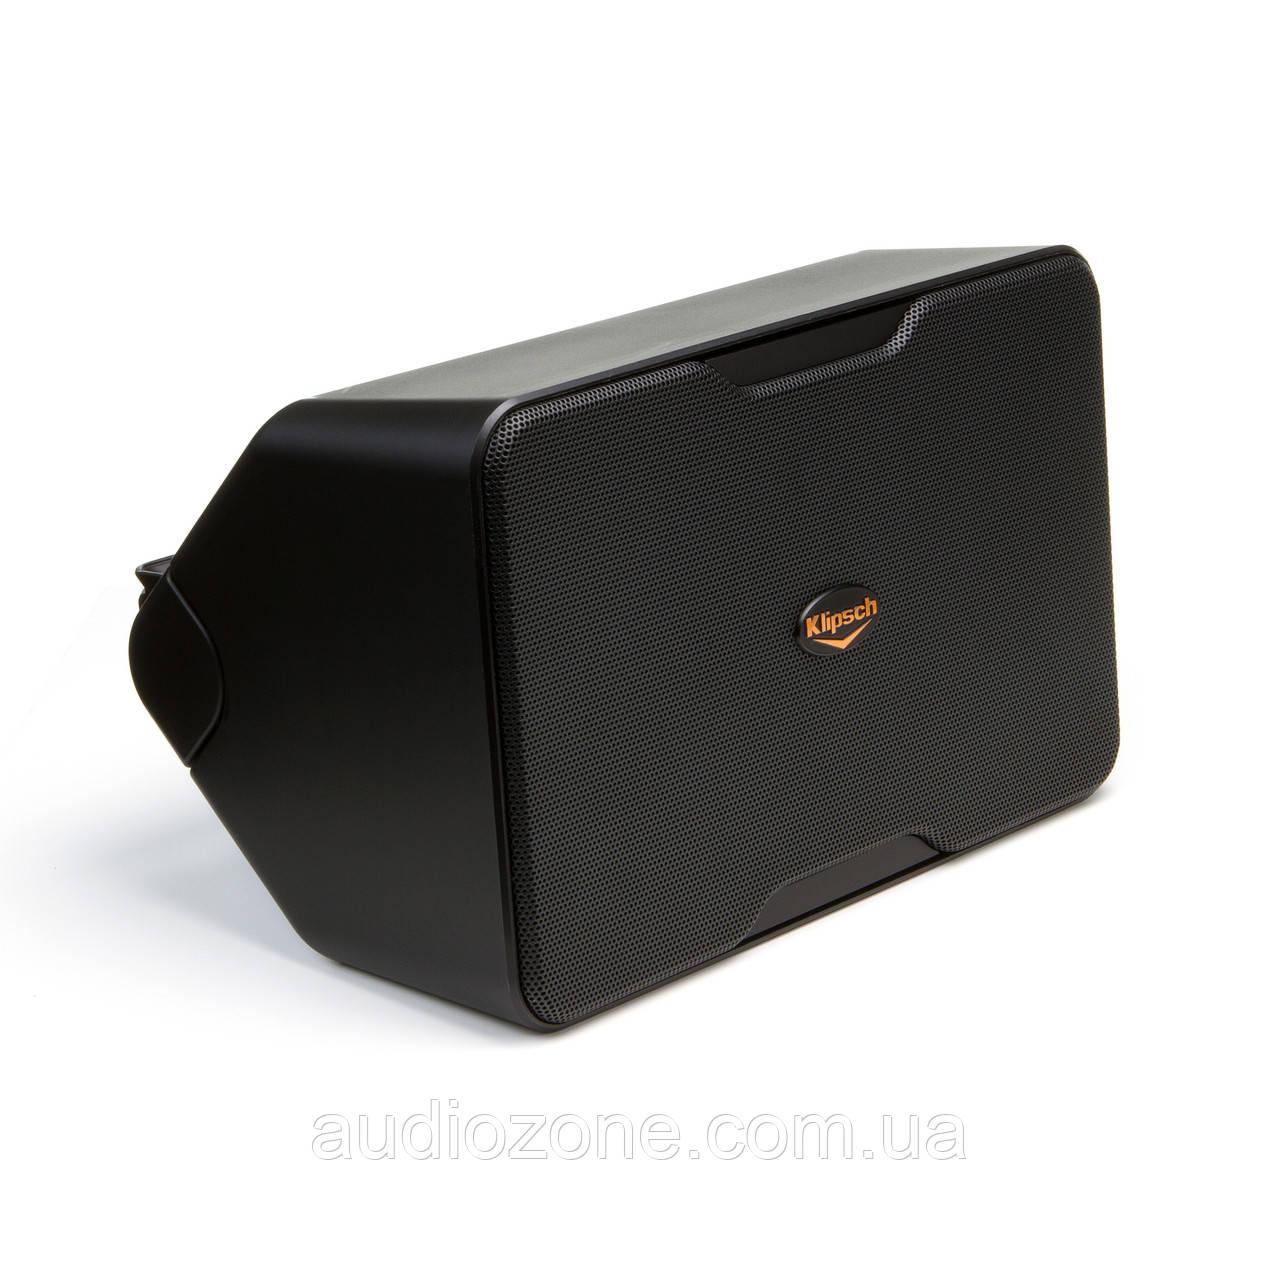 Акустическая система Compact Performance Klipsch CP-6